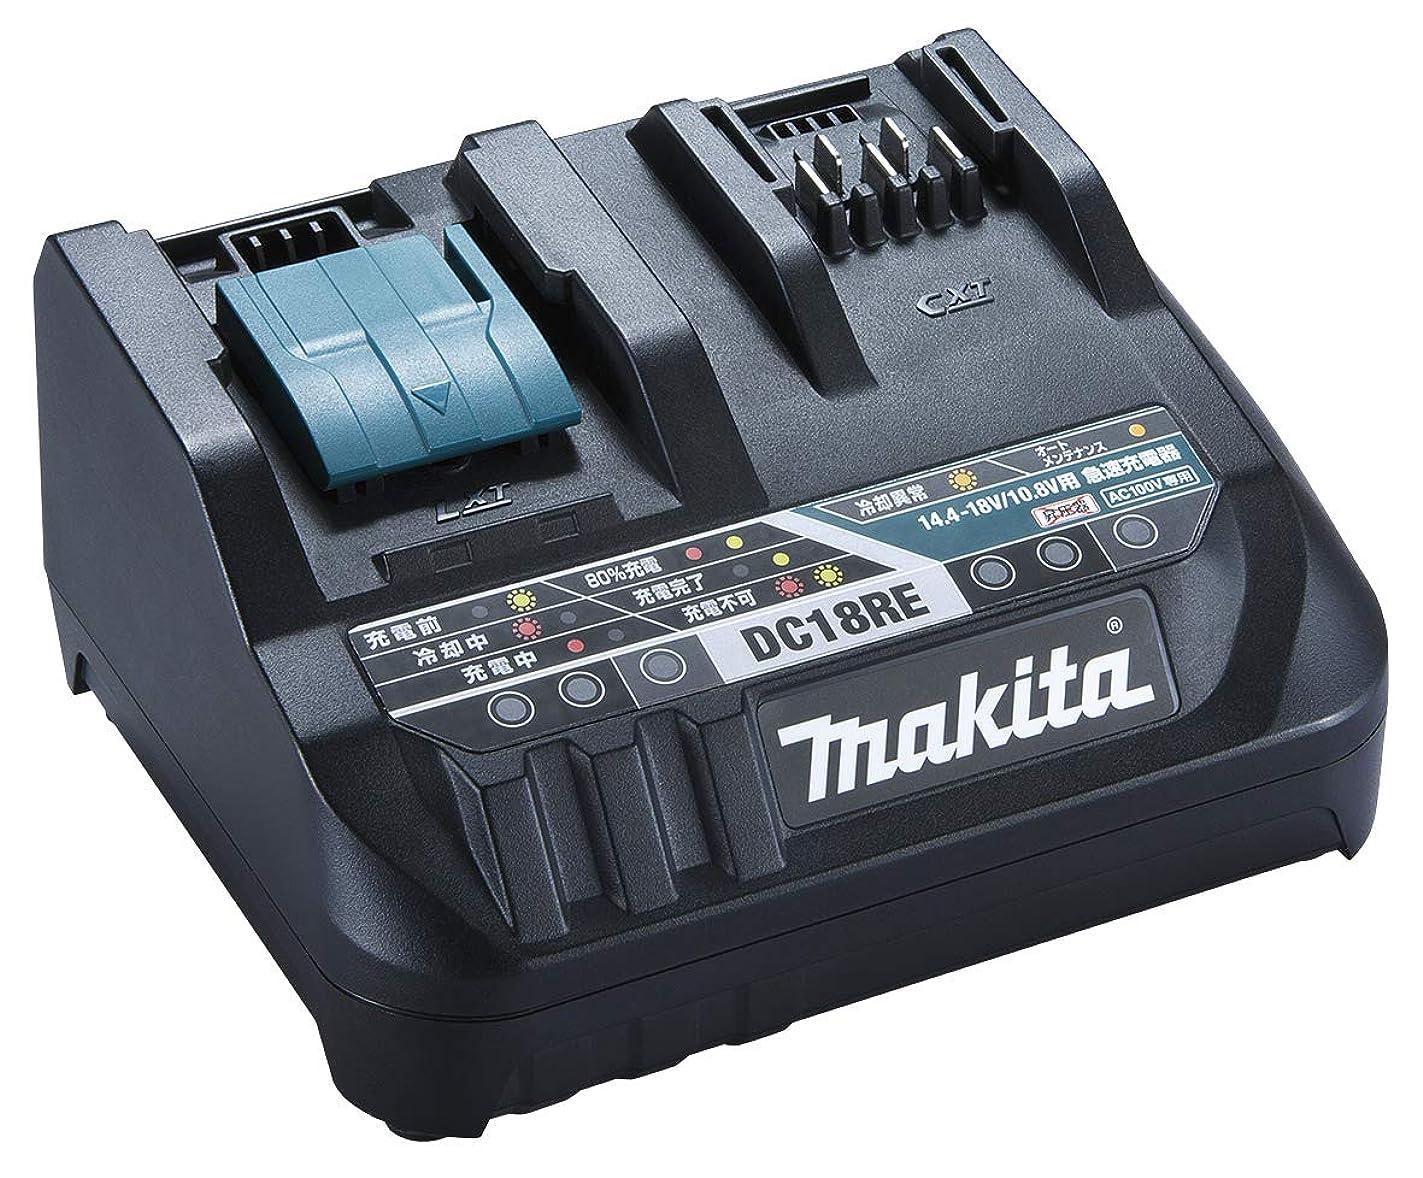 プログレッシブ選挙告白するマキタ(Makita) スライド式急速充電器(Li-ion10.8V/14.4V/18V) DC18RE